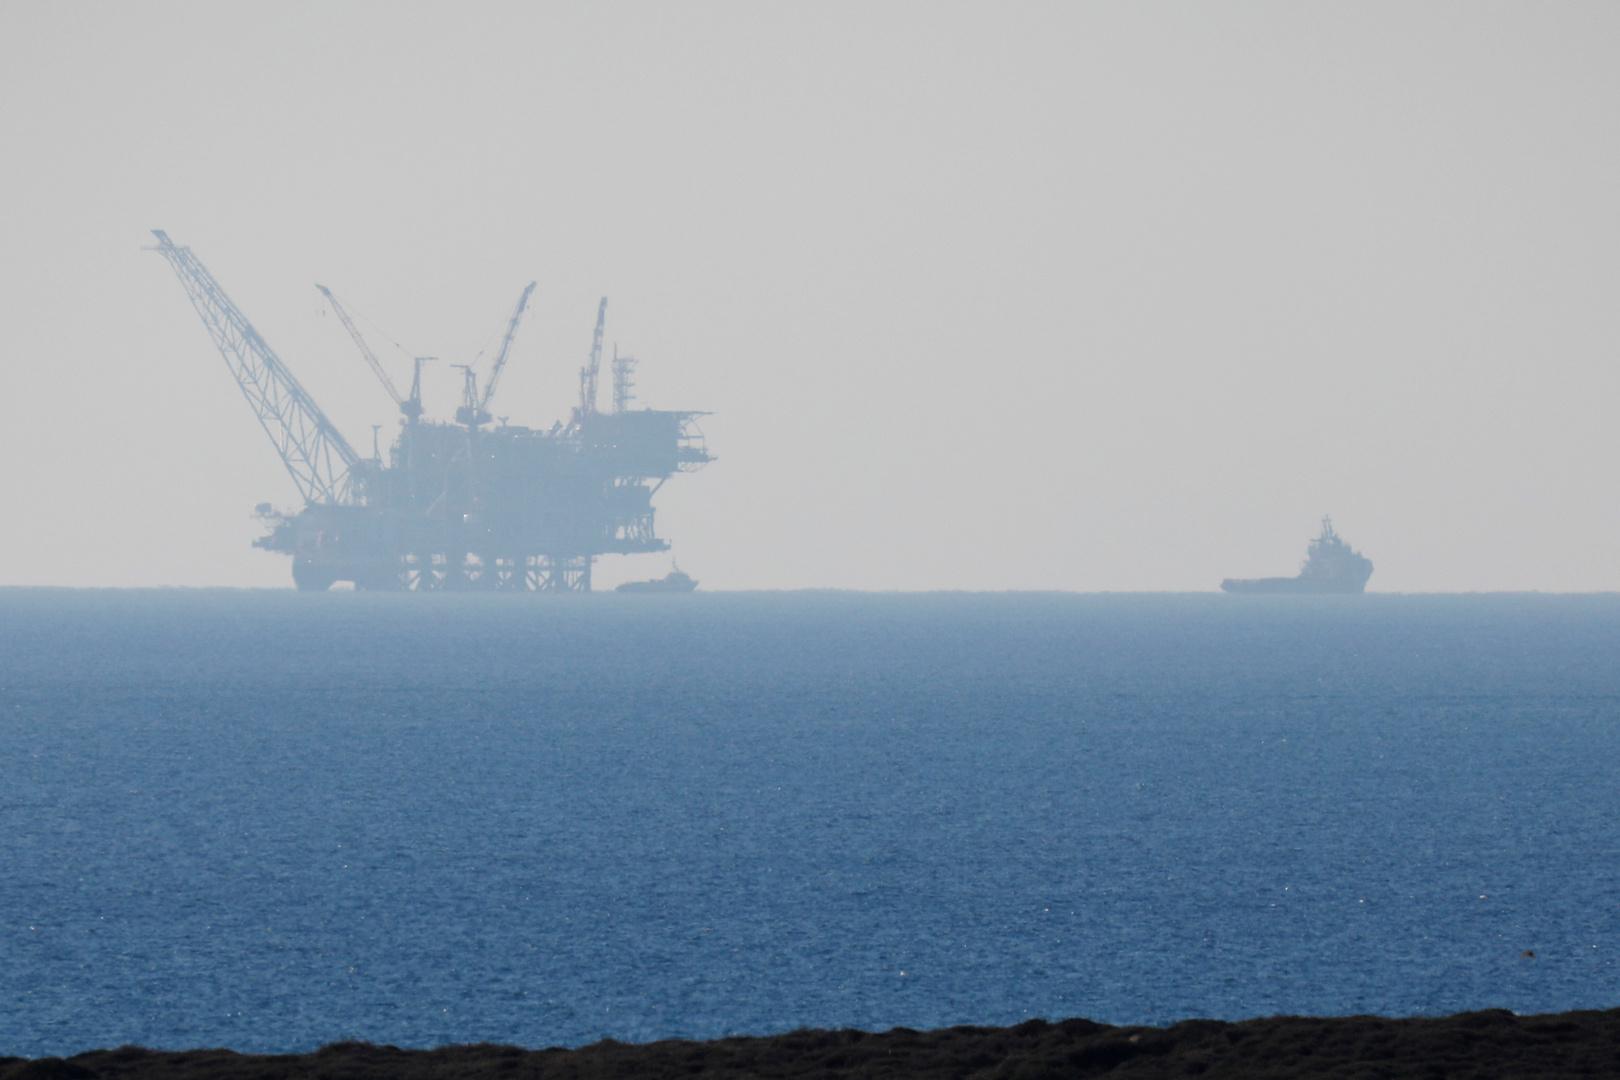 شركة إيطالية تبدأ حفر بئر استكشافية في شرق المتوسط في مياه مصر العميقة